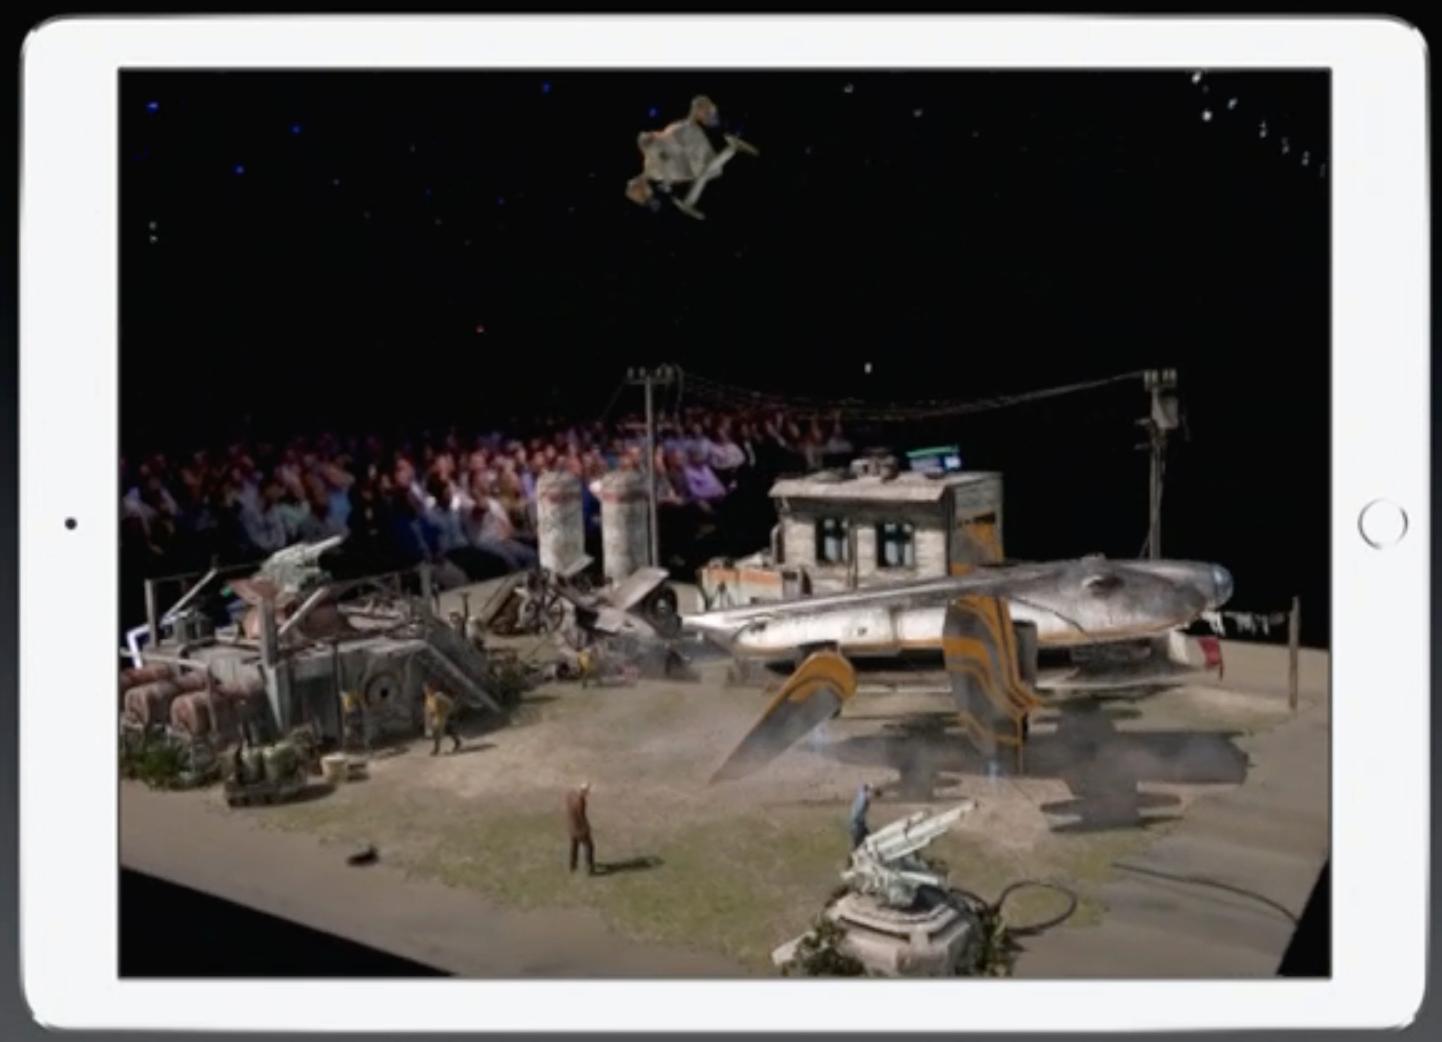 Ikke det beste bildet, men du kan i hvert fall se litt av hvor detaljerte AR-apper kan bli.